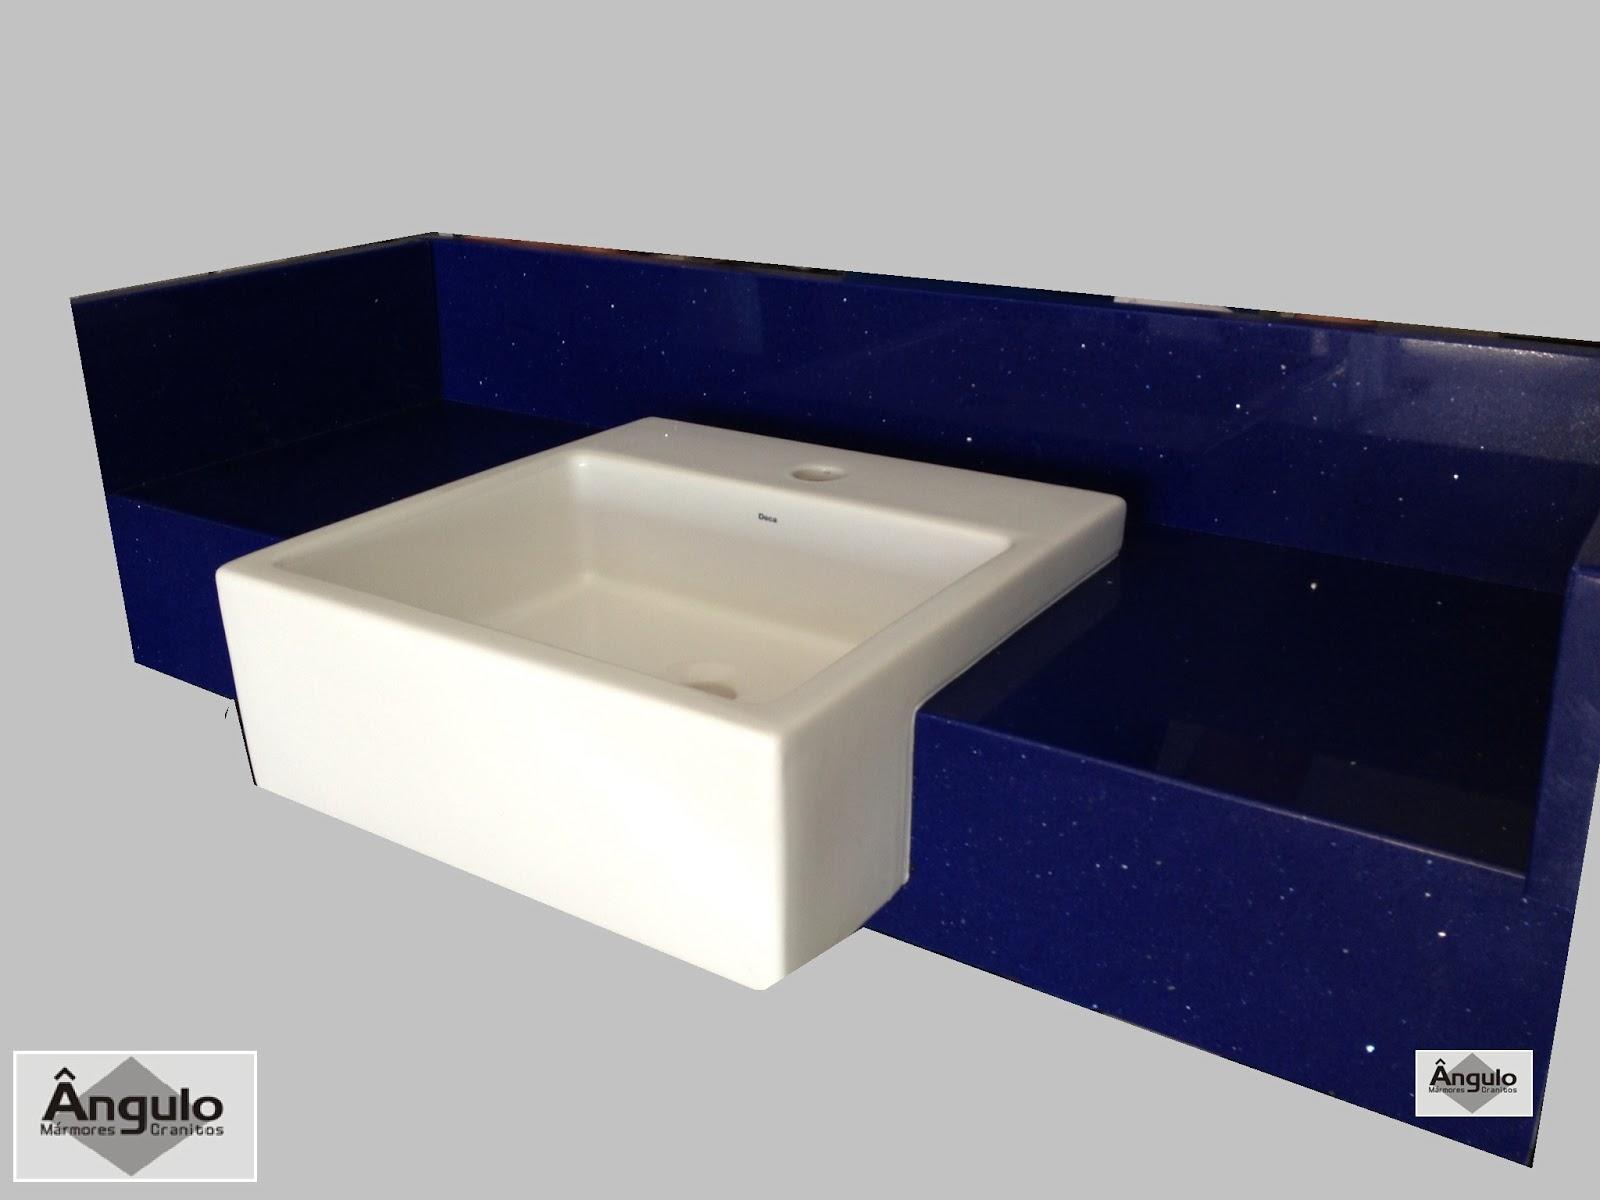 Ângulo Mármores e Granitos: Silestone Azul Stellar #0D0E31 1600x1200 Bancada Banheiro Silestone Vermelho